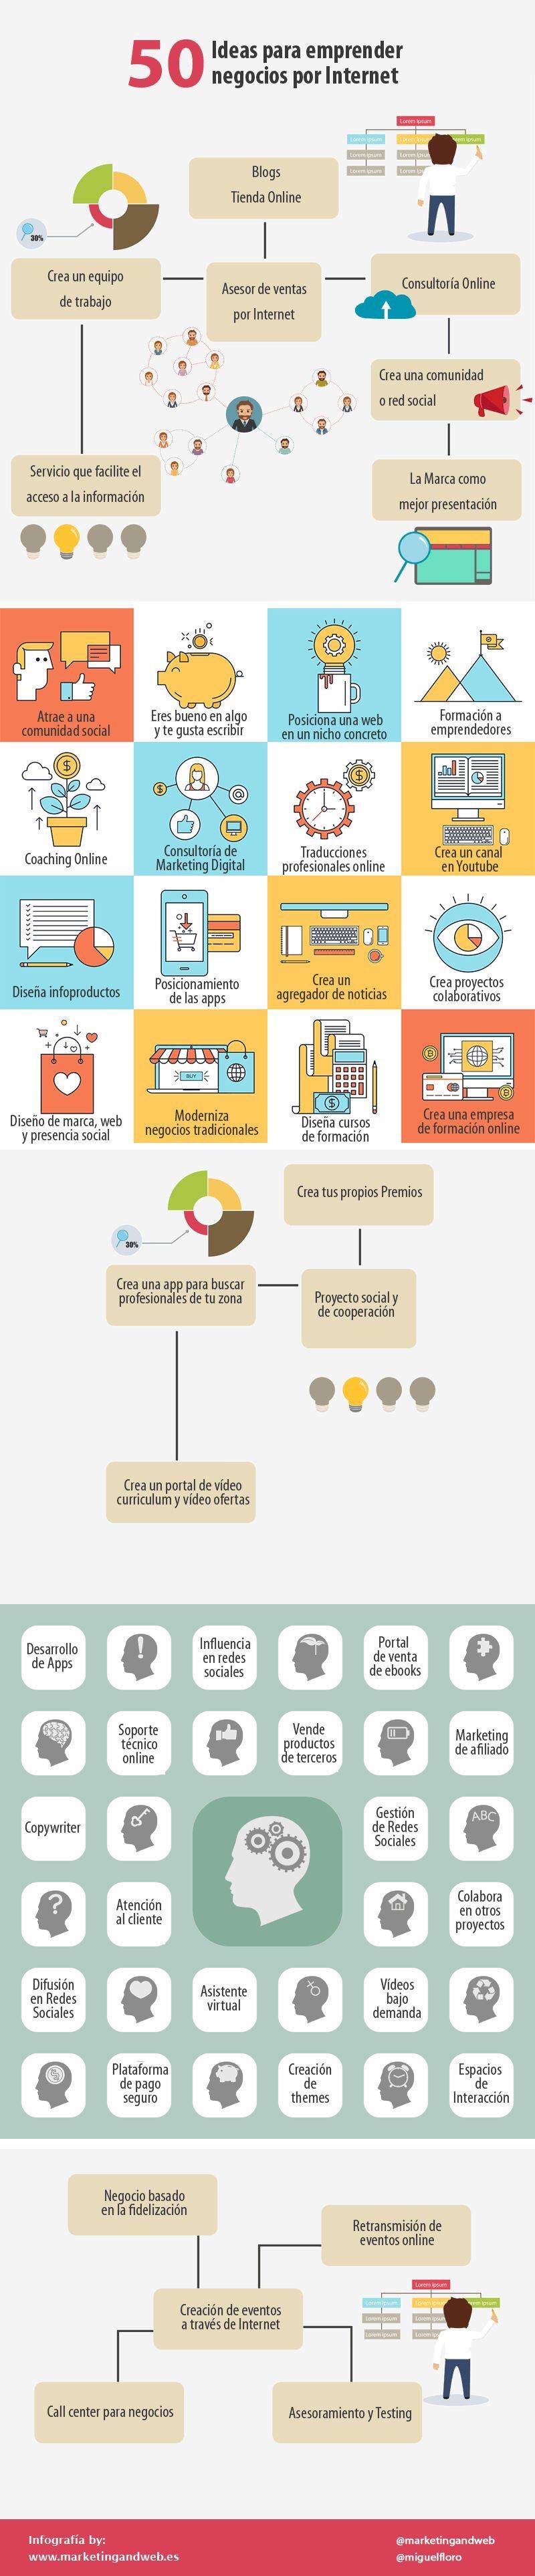 Ideas para emprender un negocio por Internet - http://conecta2.cat/ideas-para-emprender-un-negocio-por-internet/